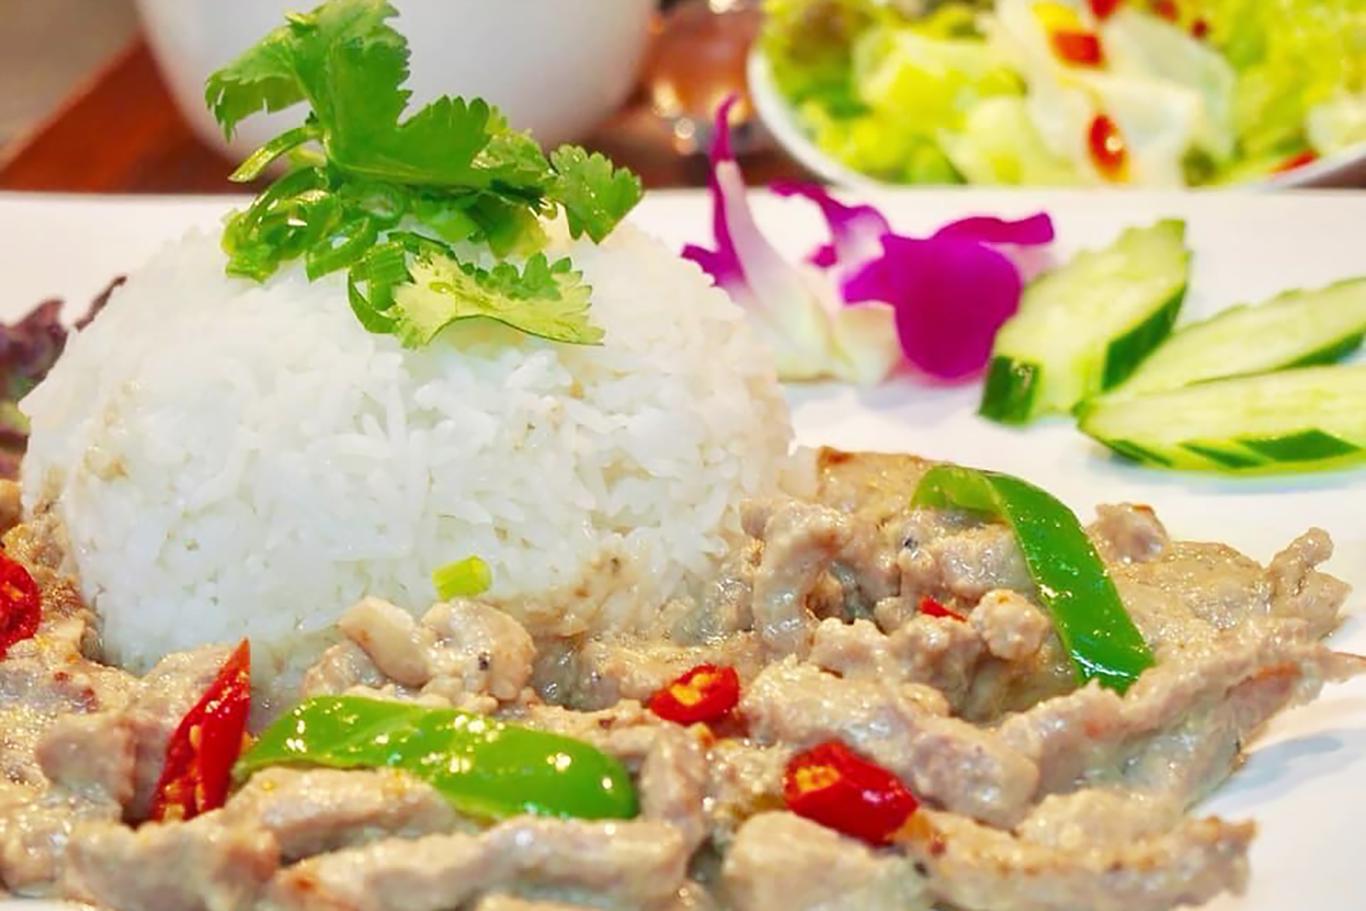 神戸アジアン食堂バルSALAで提供されている料理